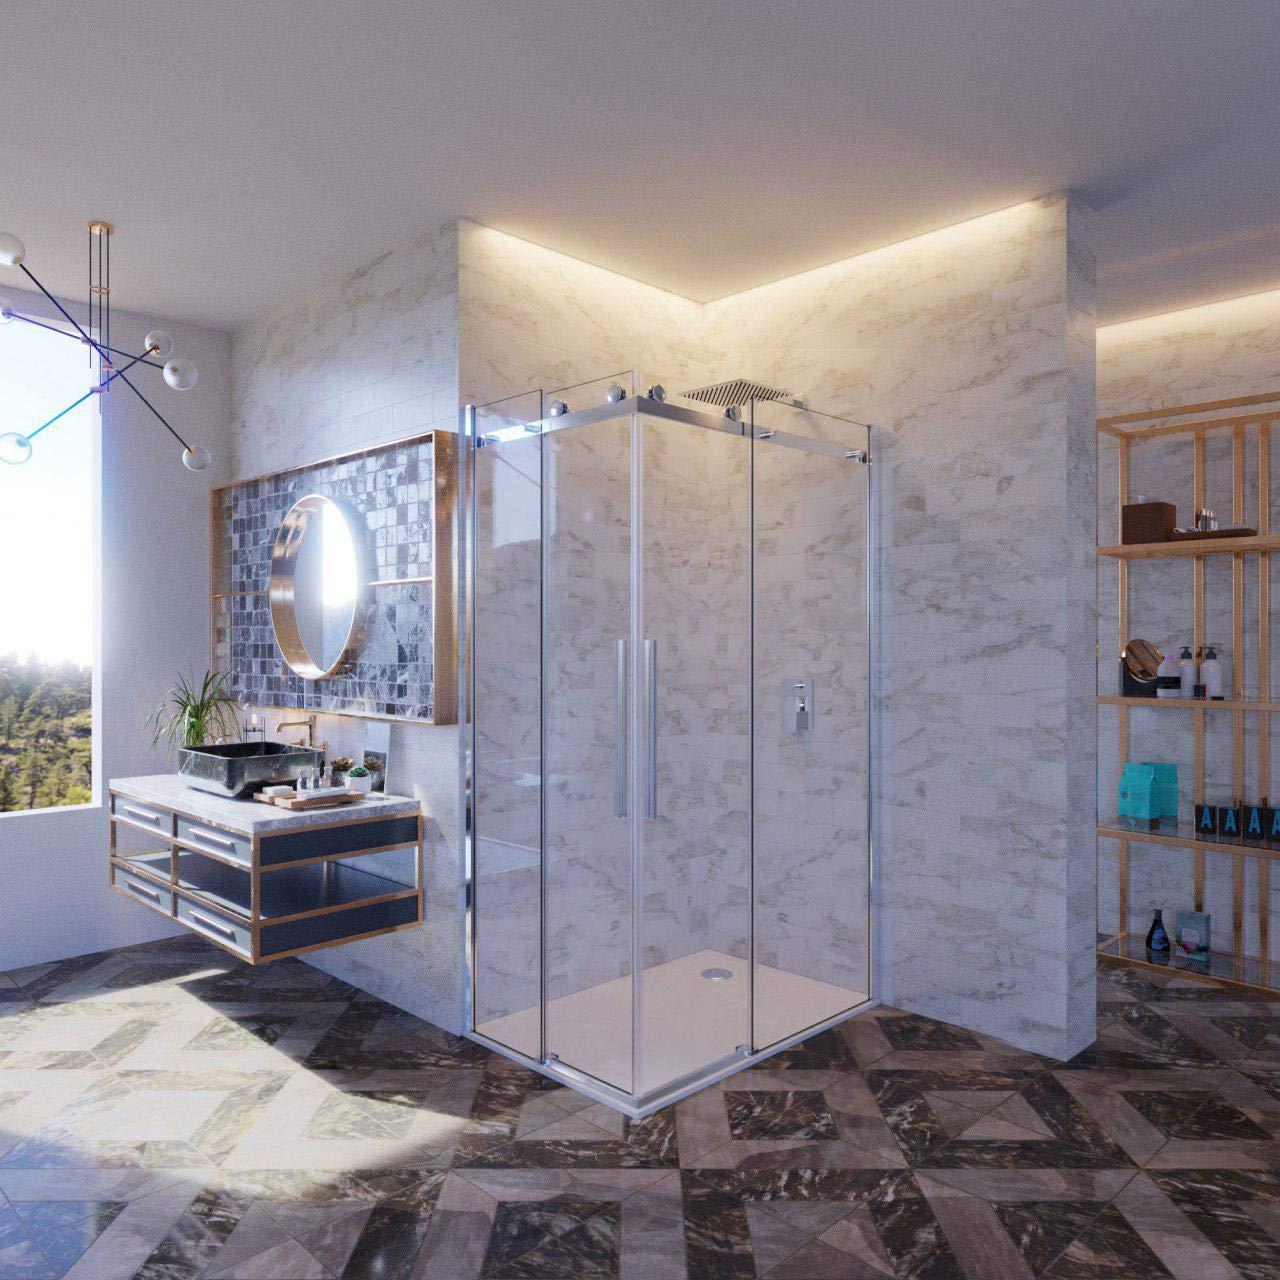 mampara de ducha 75 X 120 120 X 75 de cristal templado de 8 mm h.195, Anti Piedra caliza, Reversible, ASA de acero inoxidable: Amazon.es: Bricolaje y herramientas